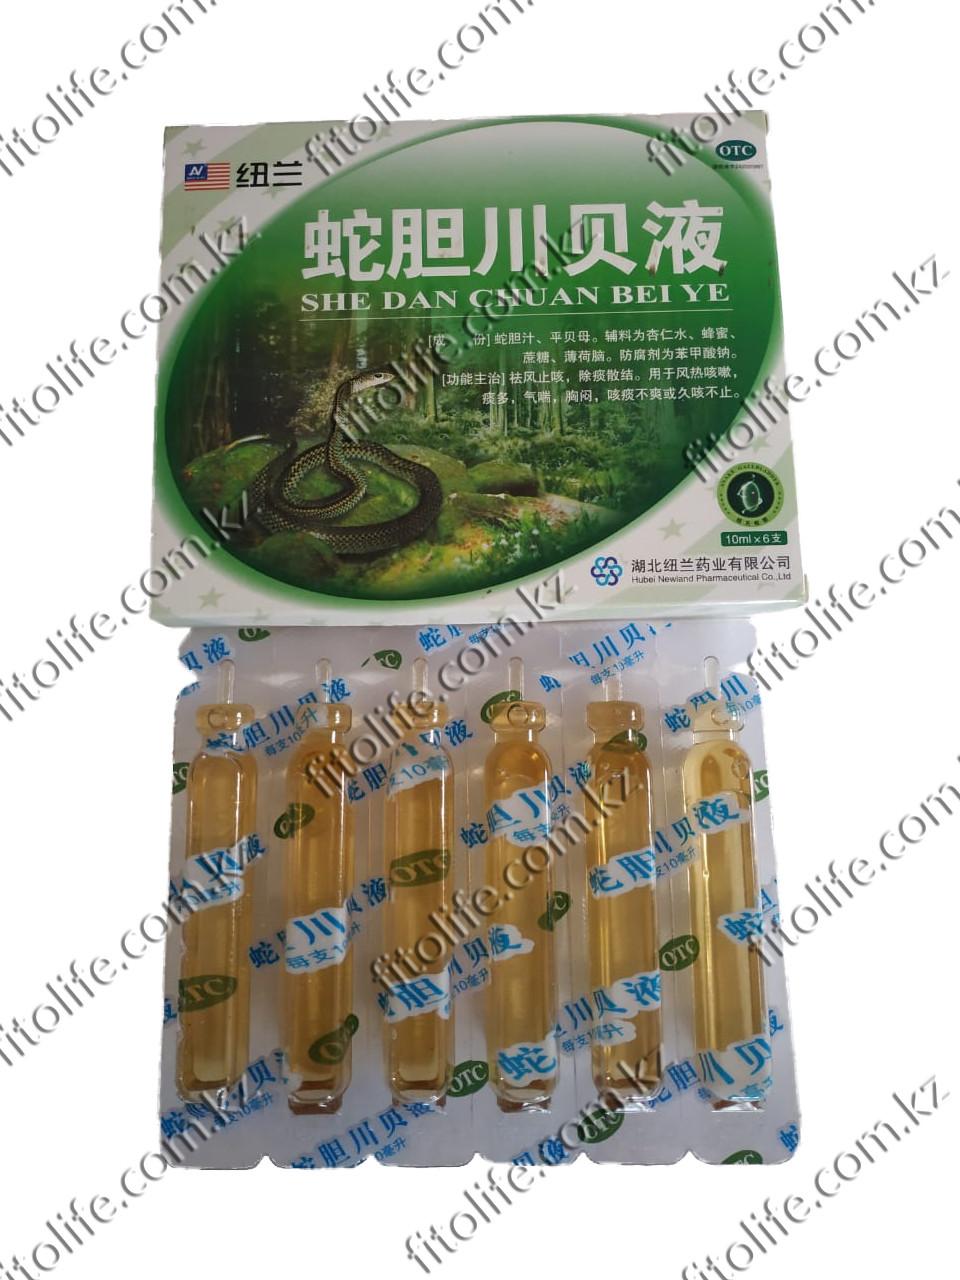 Сироп от кашля на основе змеиных ферментов